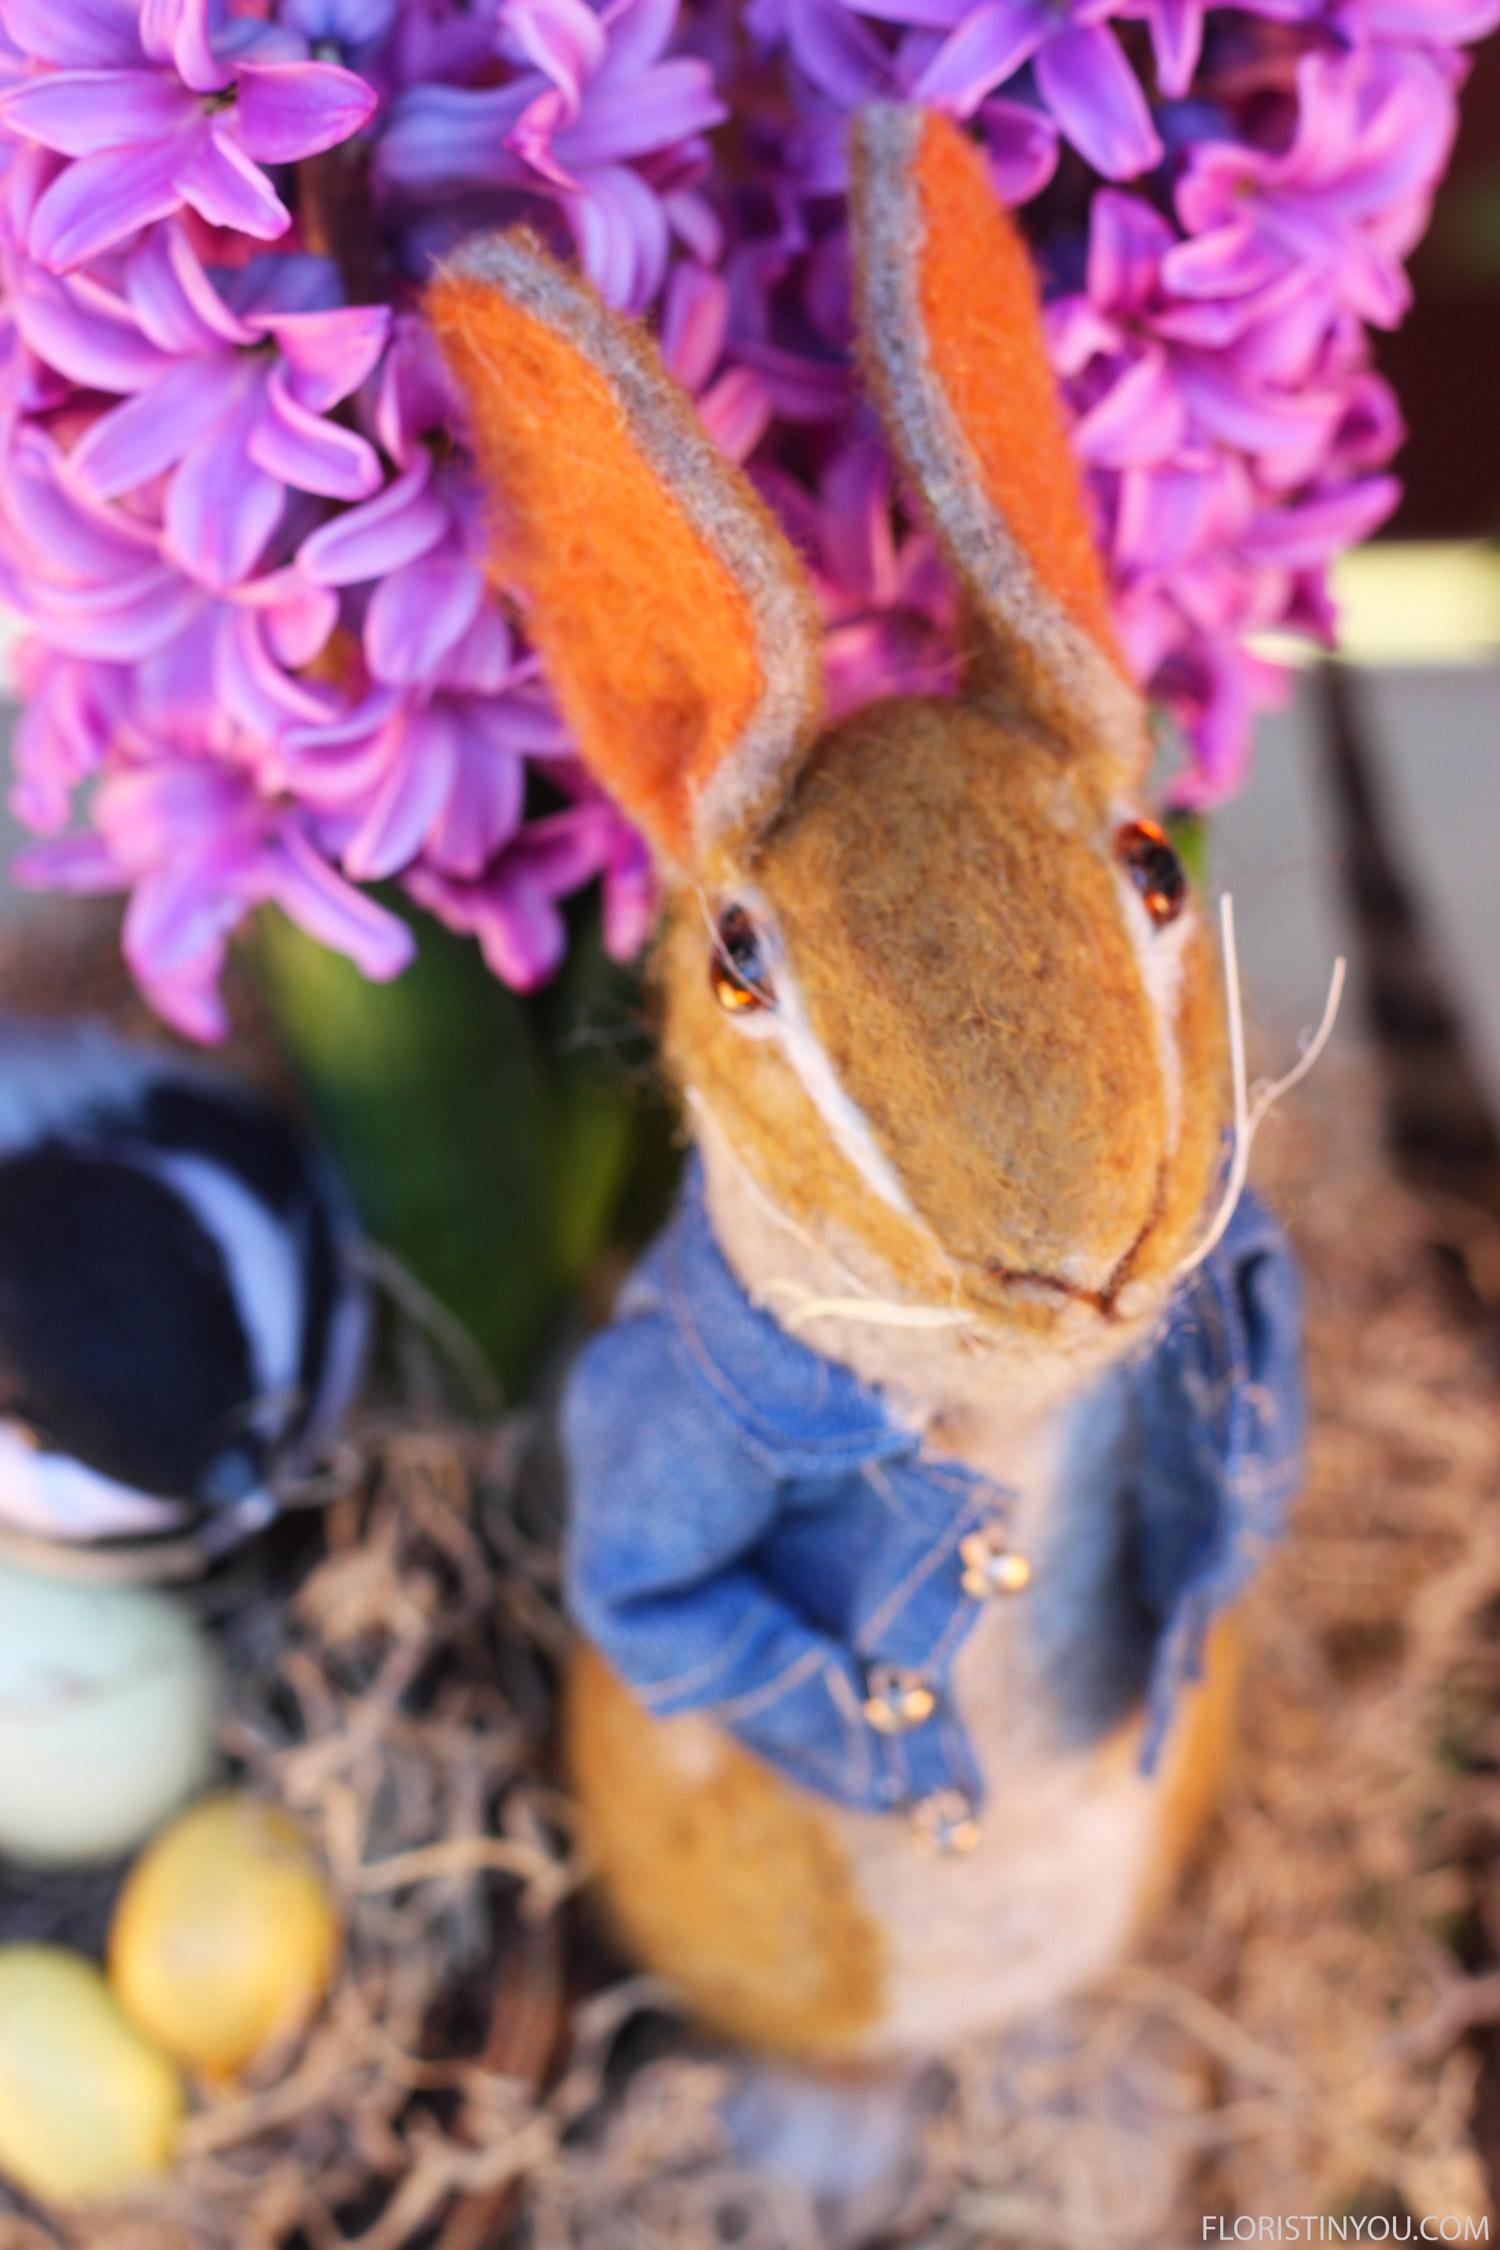 Love the dear Peter Rabbit.